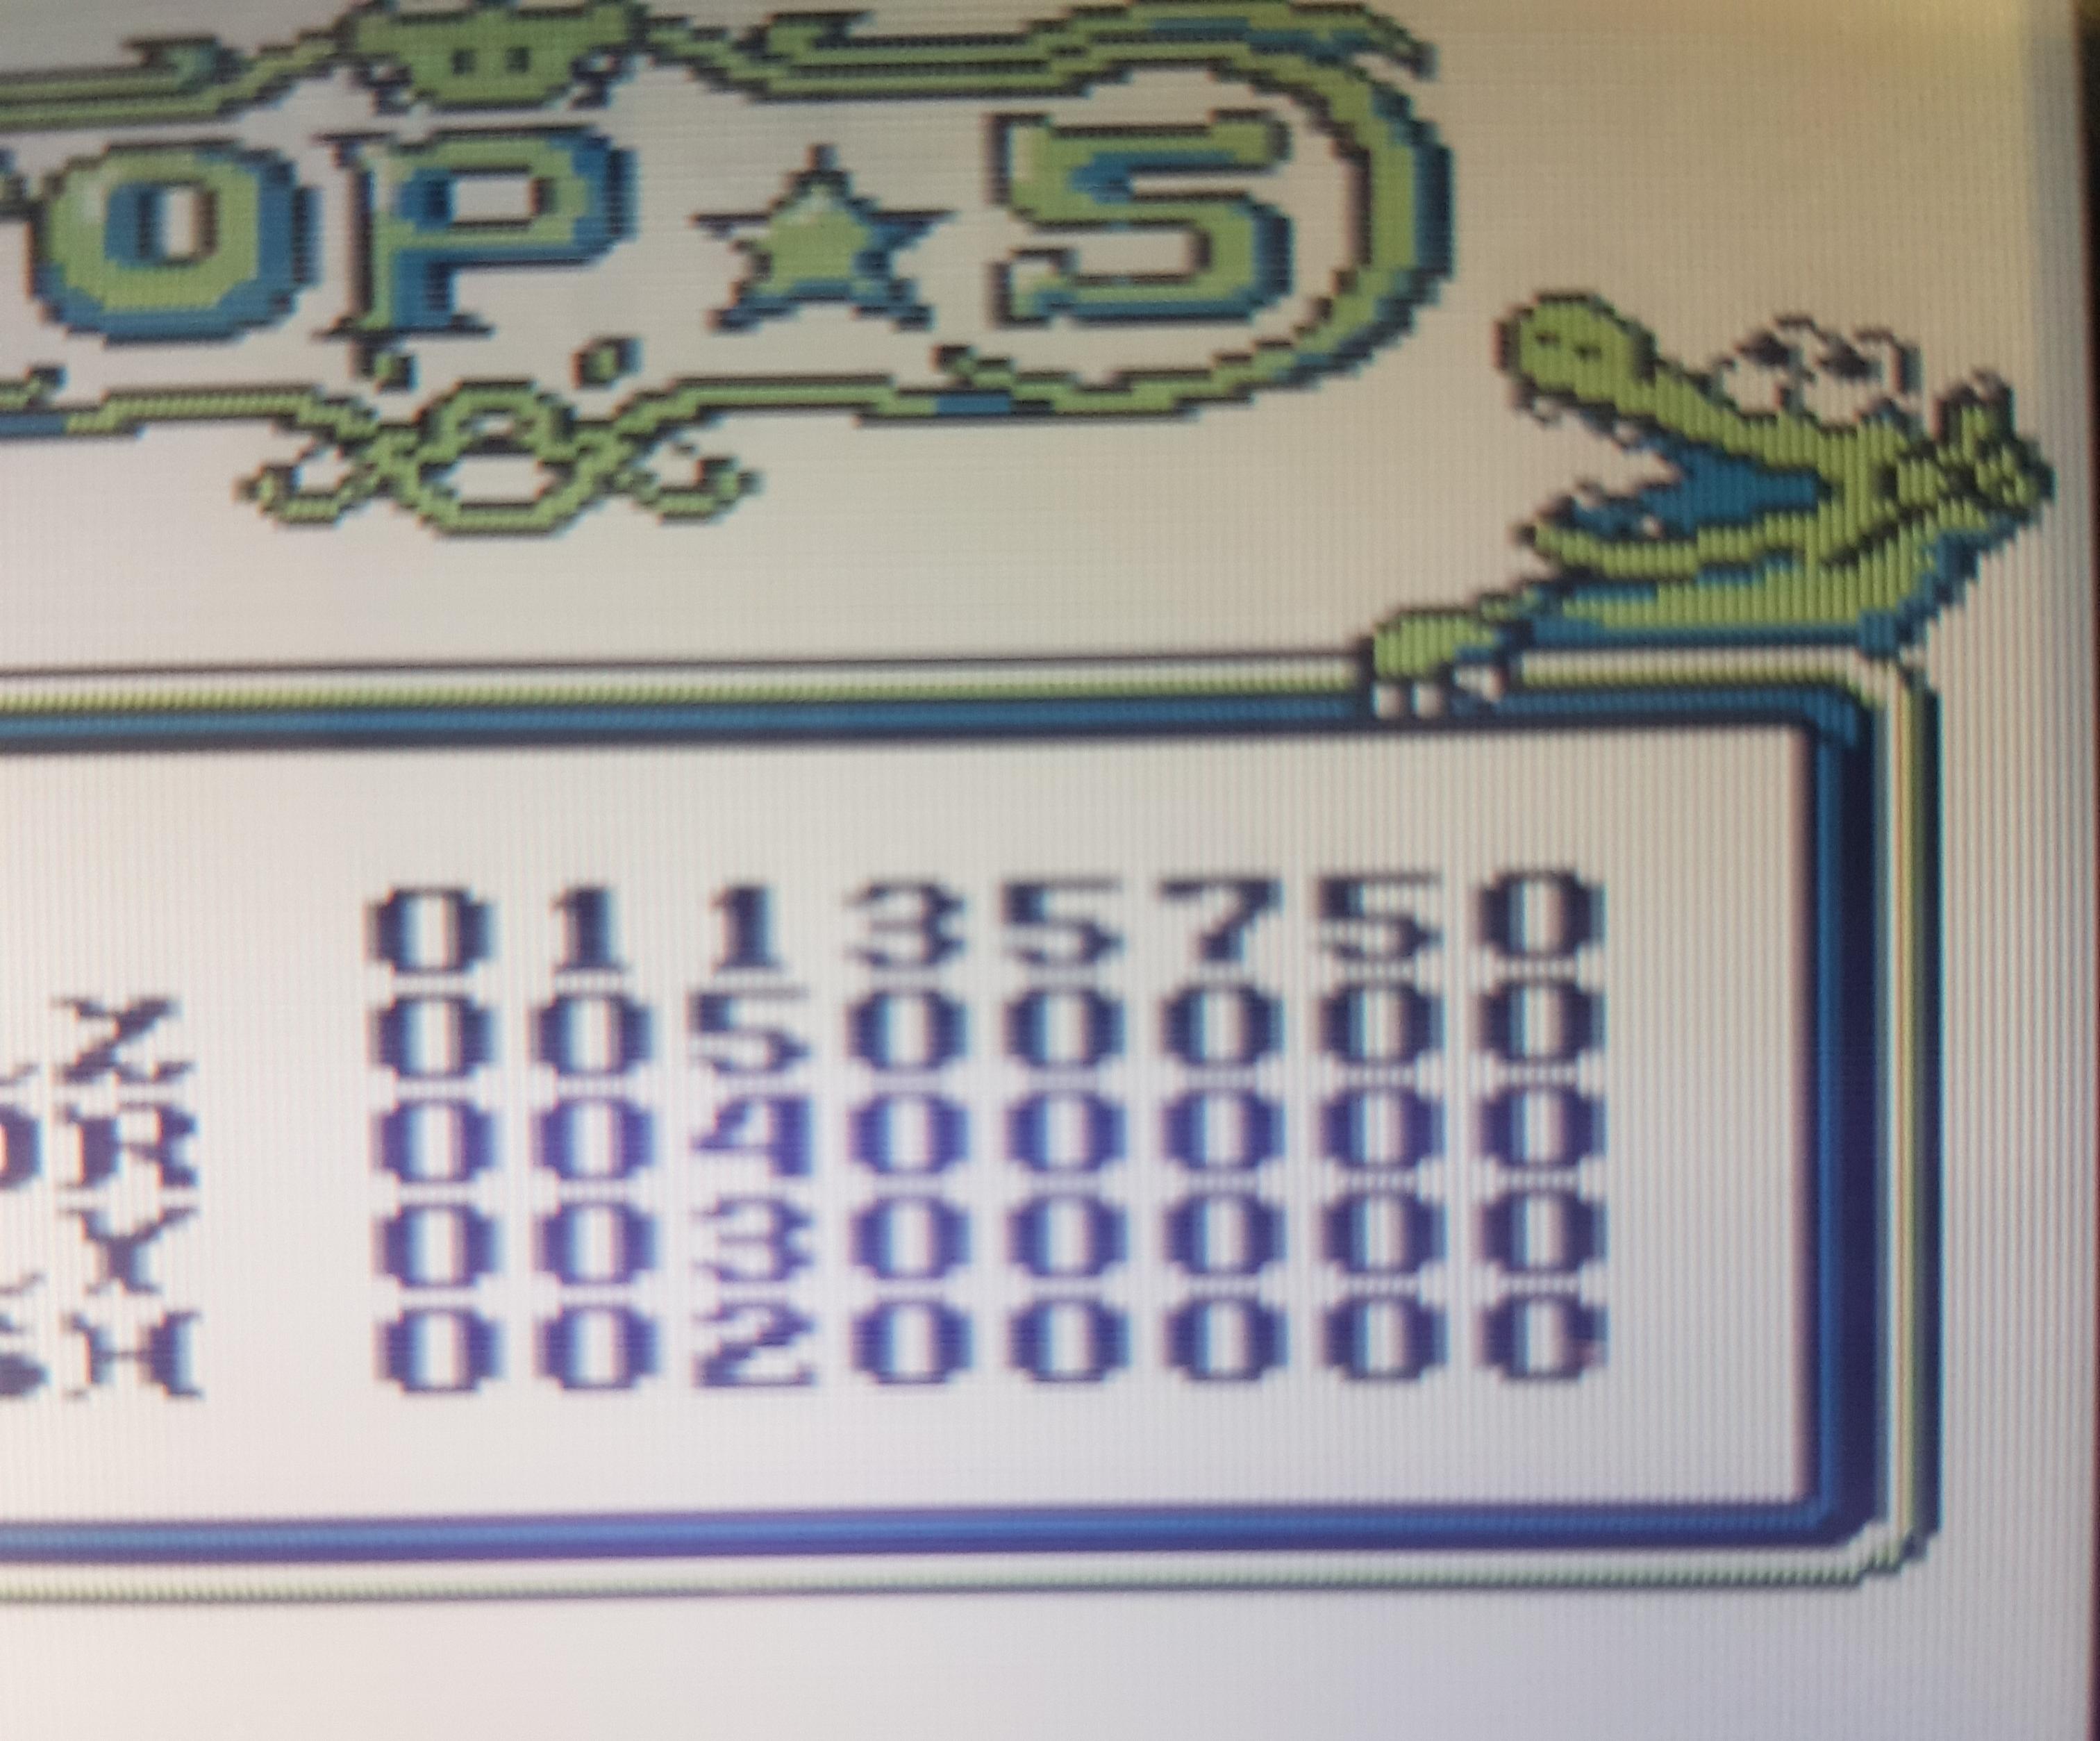 Pinball: Revenge of the Gator 1,135,750 points